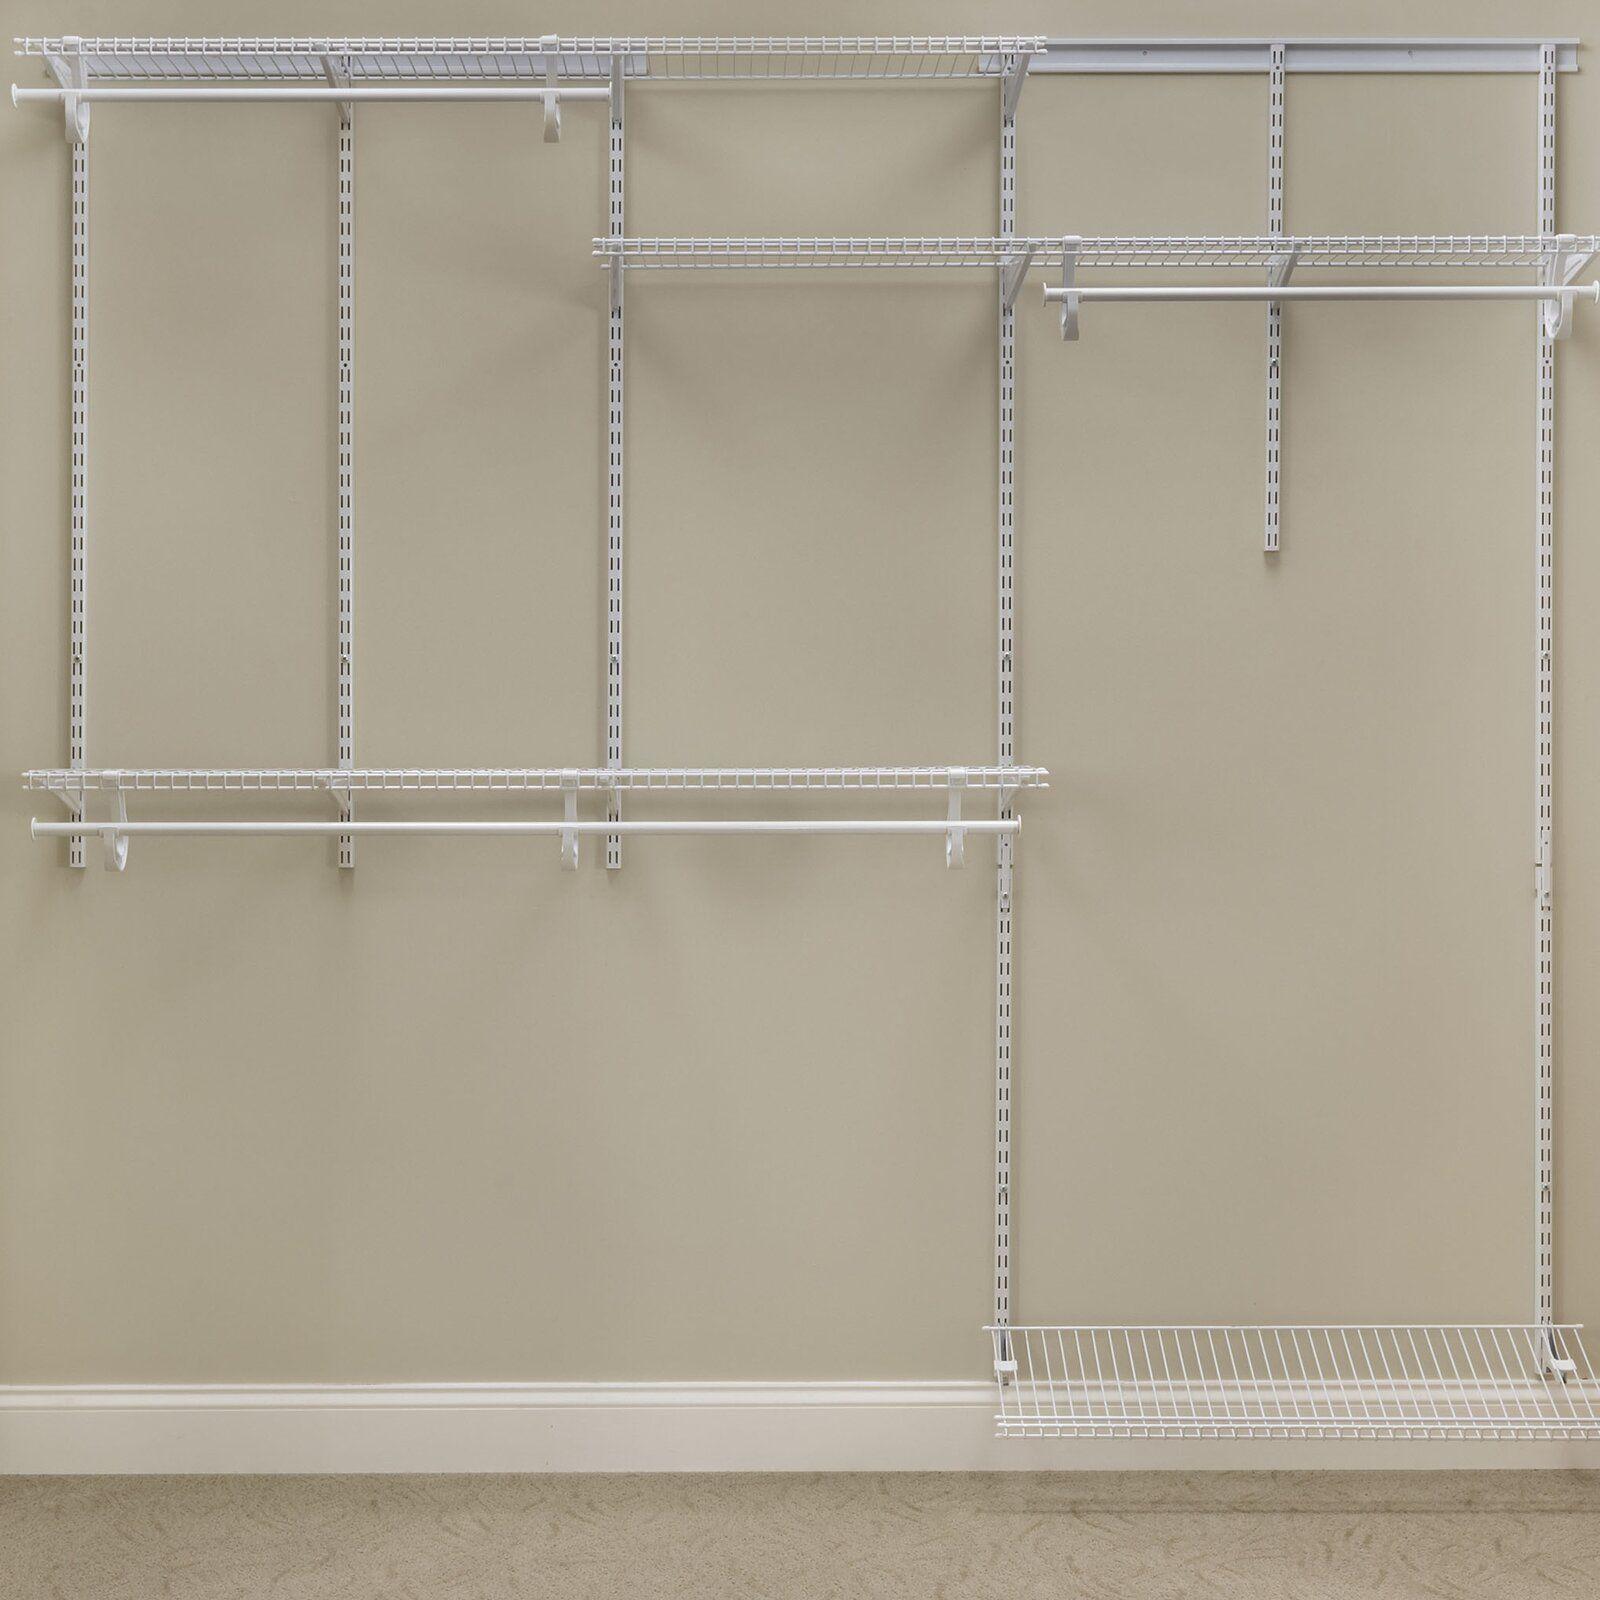 Shelftrack 60 W 96 W Closet System In 2020 Wire Closet Systems Closet System Closet Organizing Systems